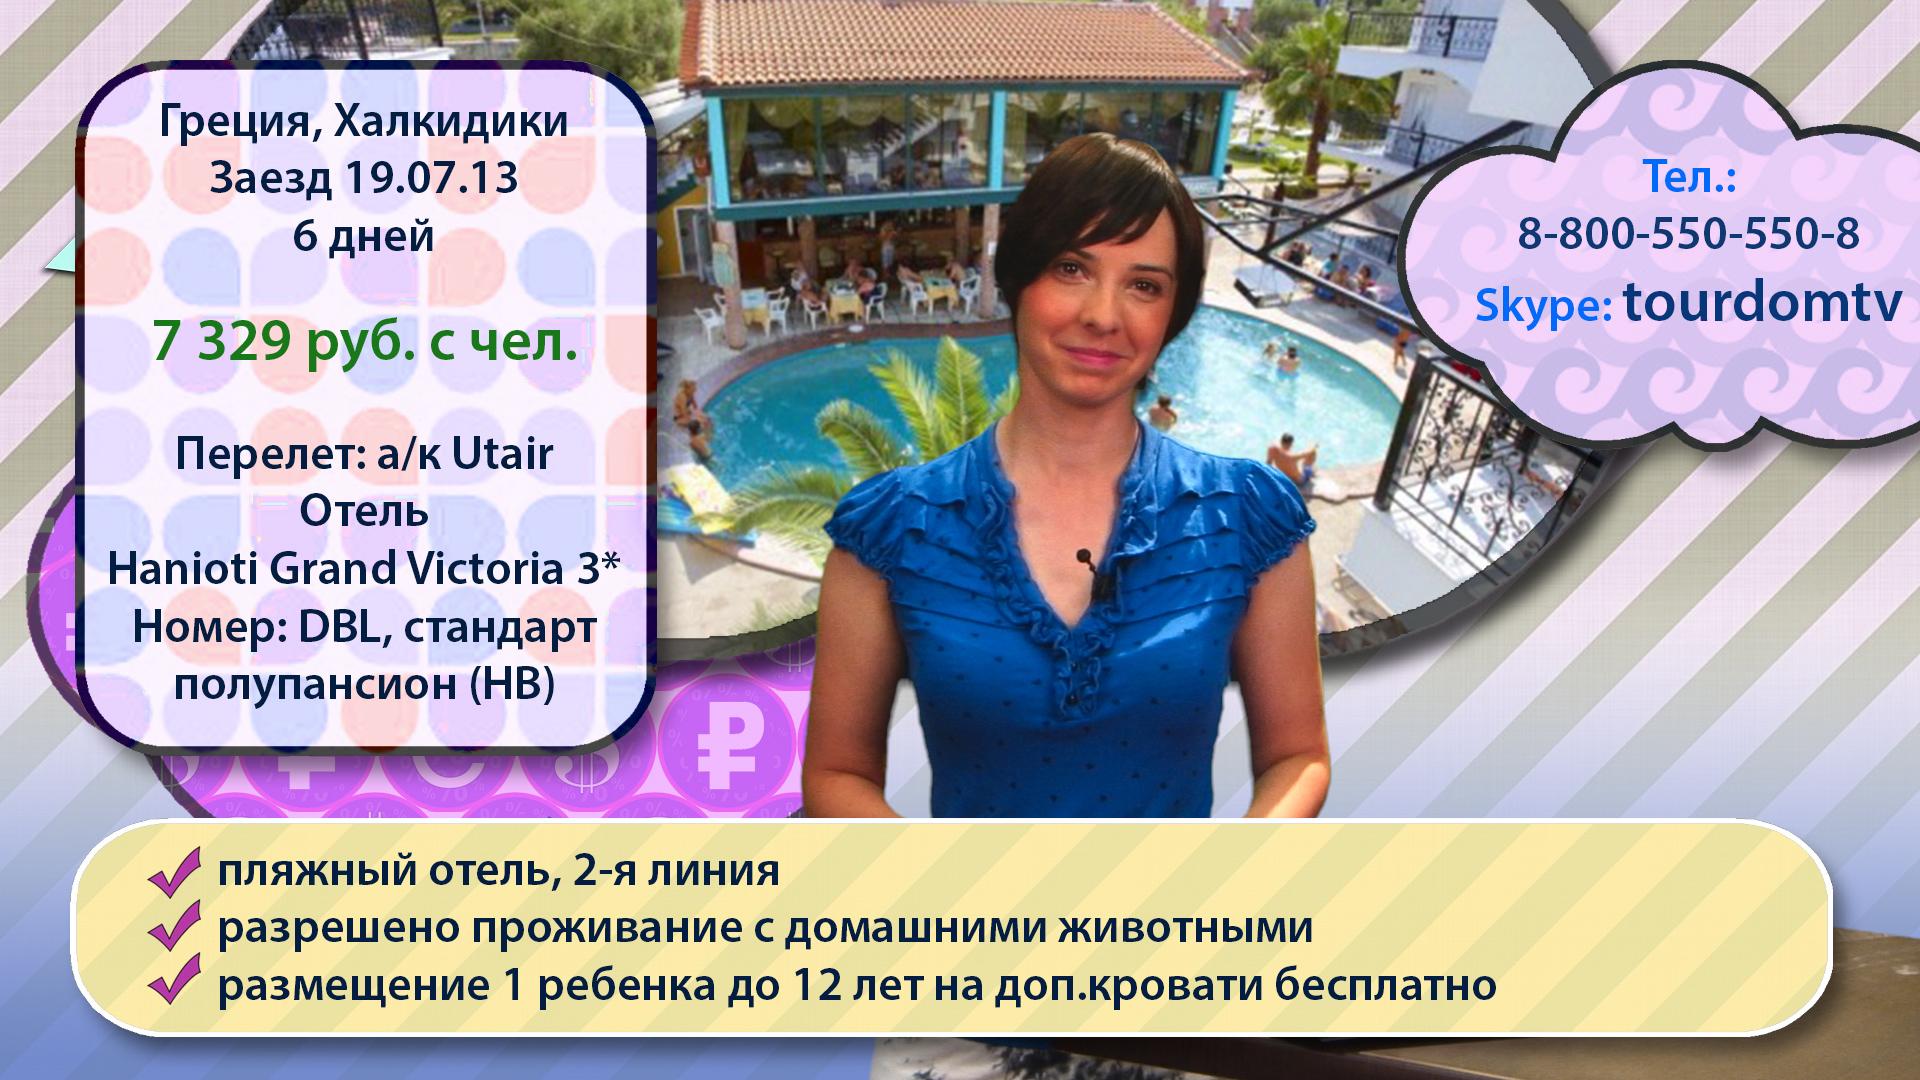 Ксения Виноградова. ТурДом.TV. Дежурный ведущий.